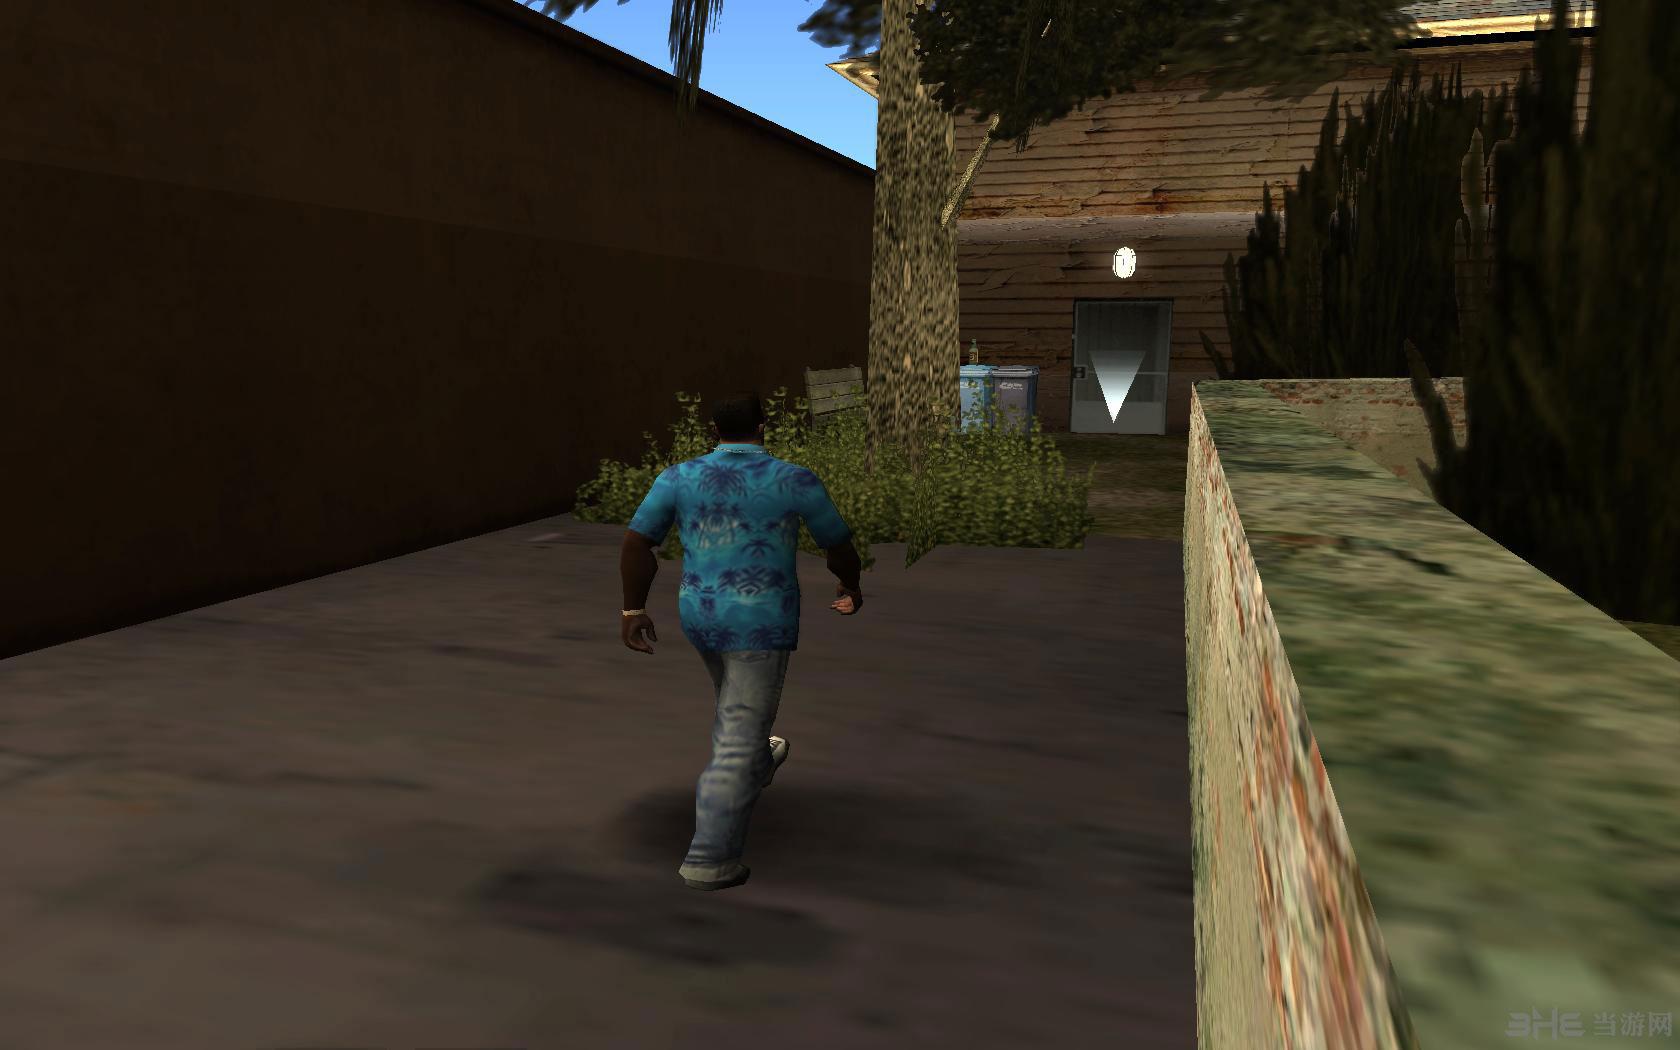 侠盗猎车手圣安地列斯地下室地图MOD截图9